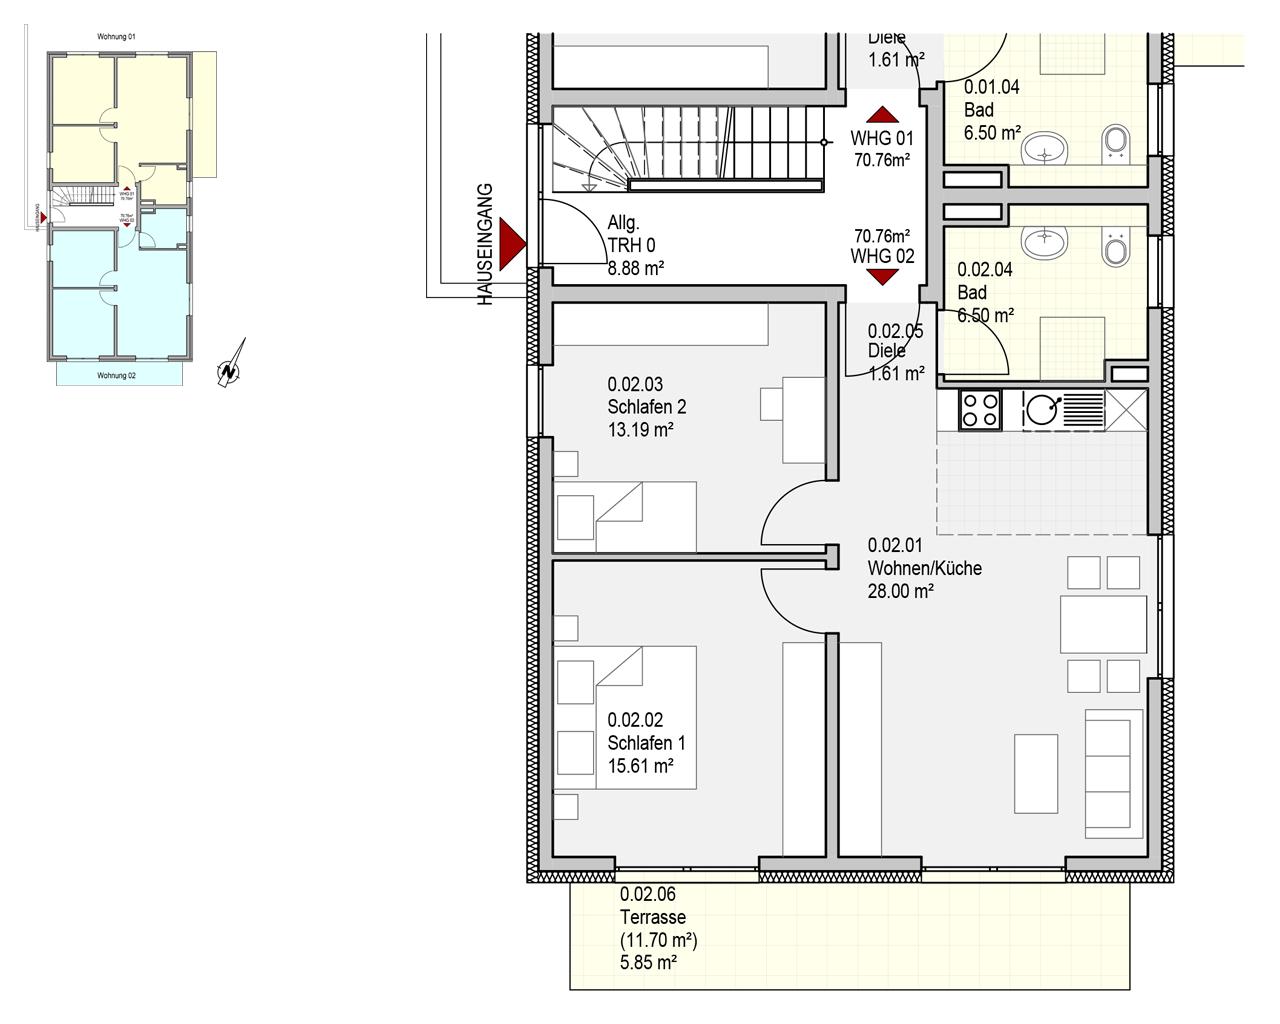 Nr. 2 - EG - 3 Zimmer - 70.76m²